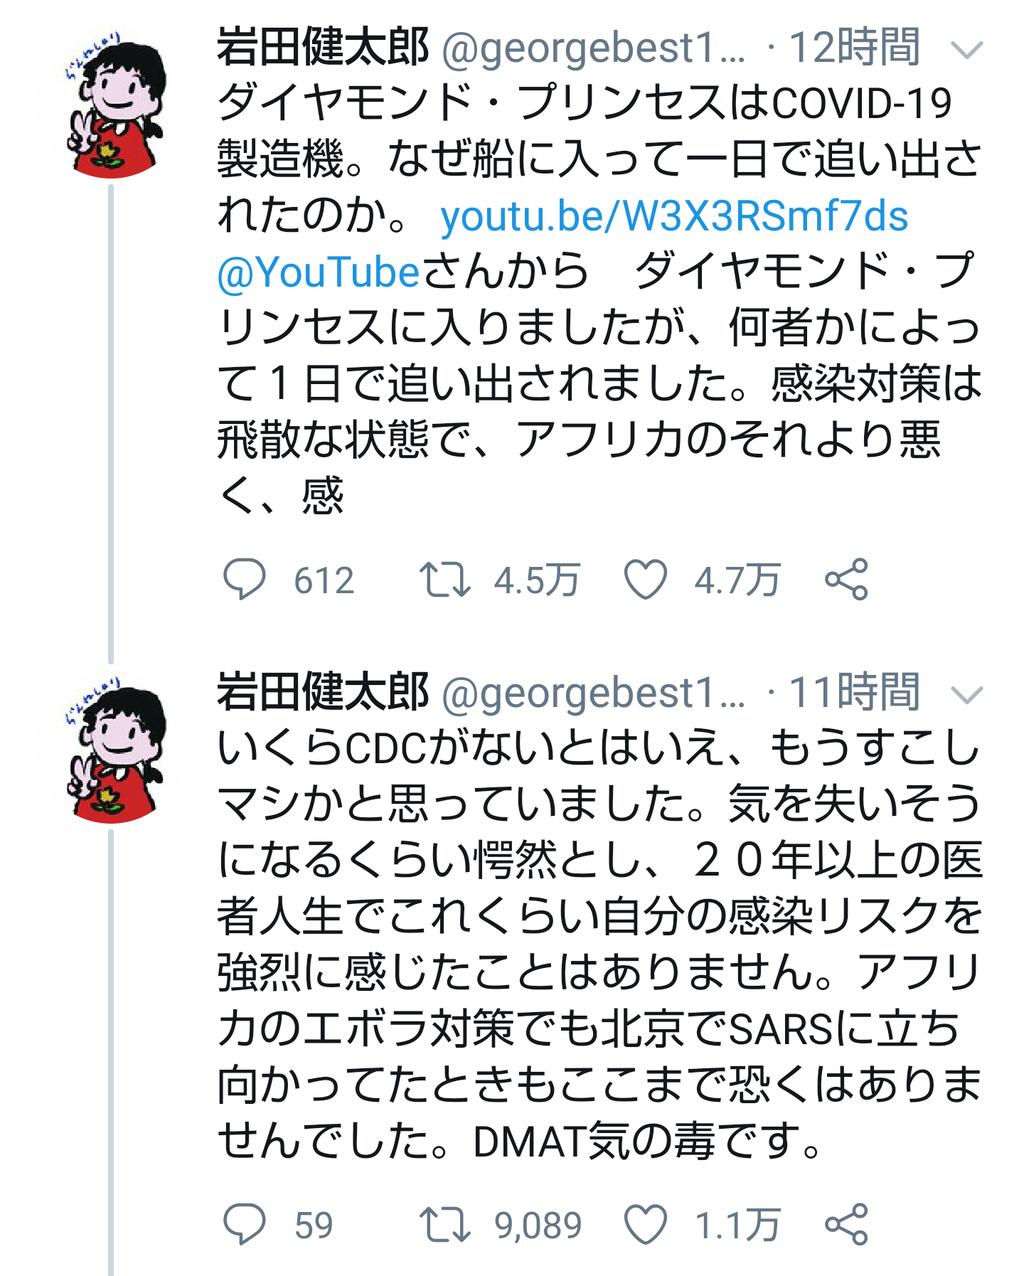 【炎上】日本政府さん、クルーズ船から感染症対策の専門家を追放…専門家YouTubeでブチギレ